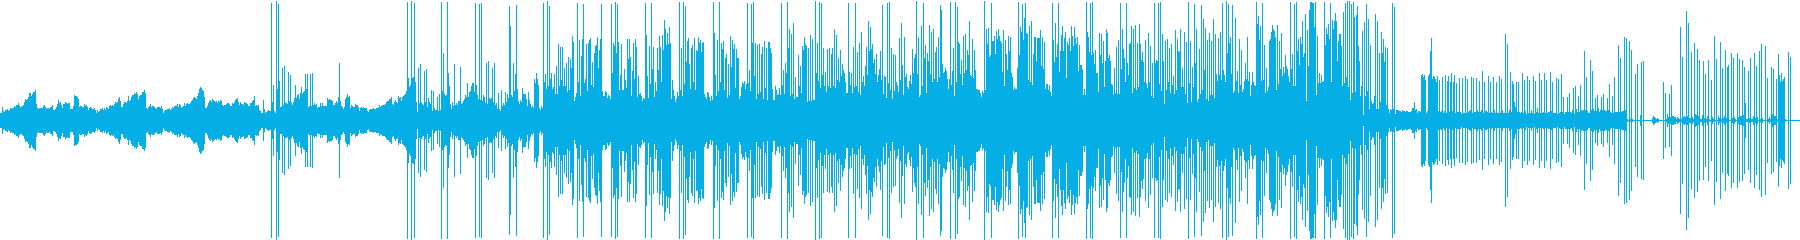 雨のエレクトロ二カの再生済みの波形